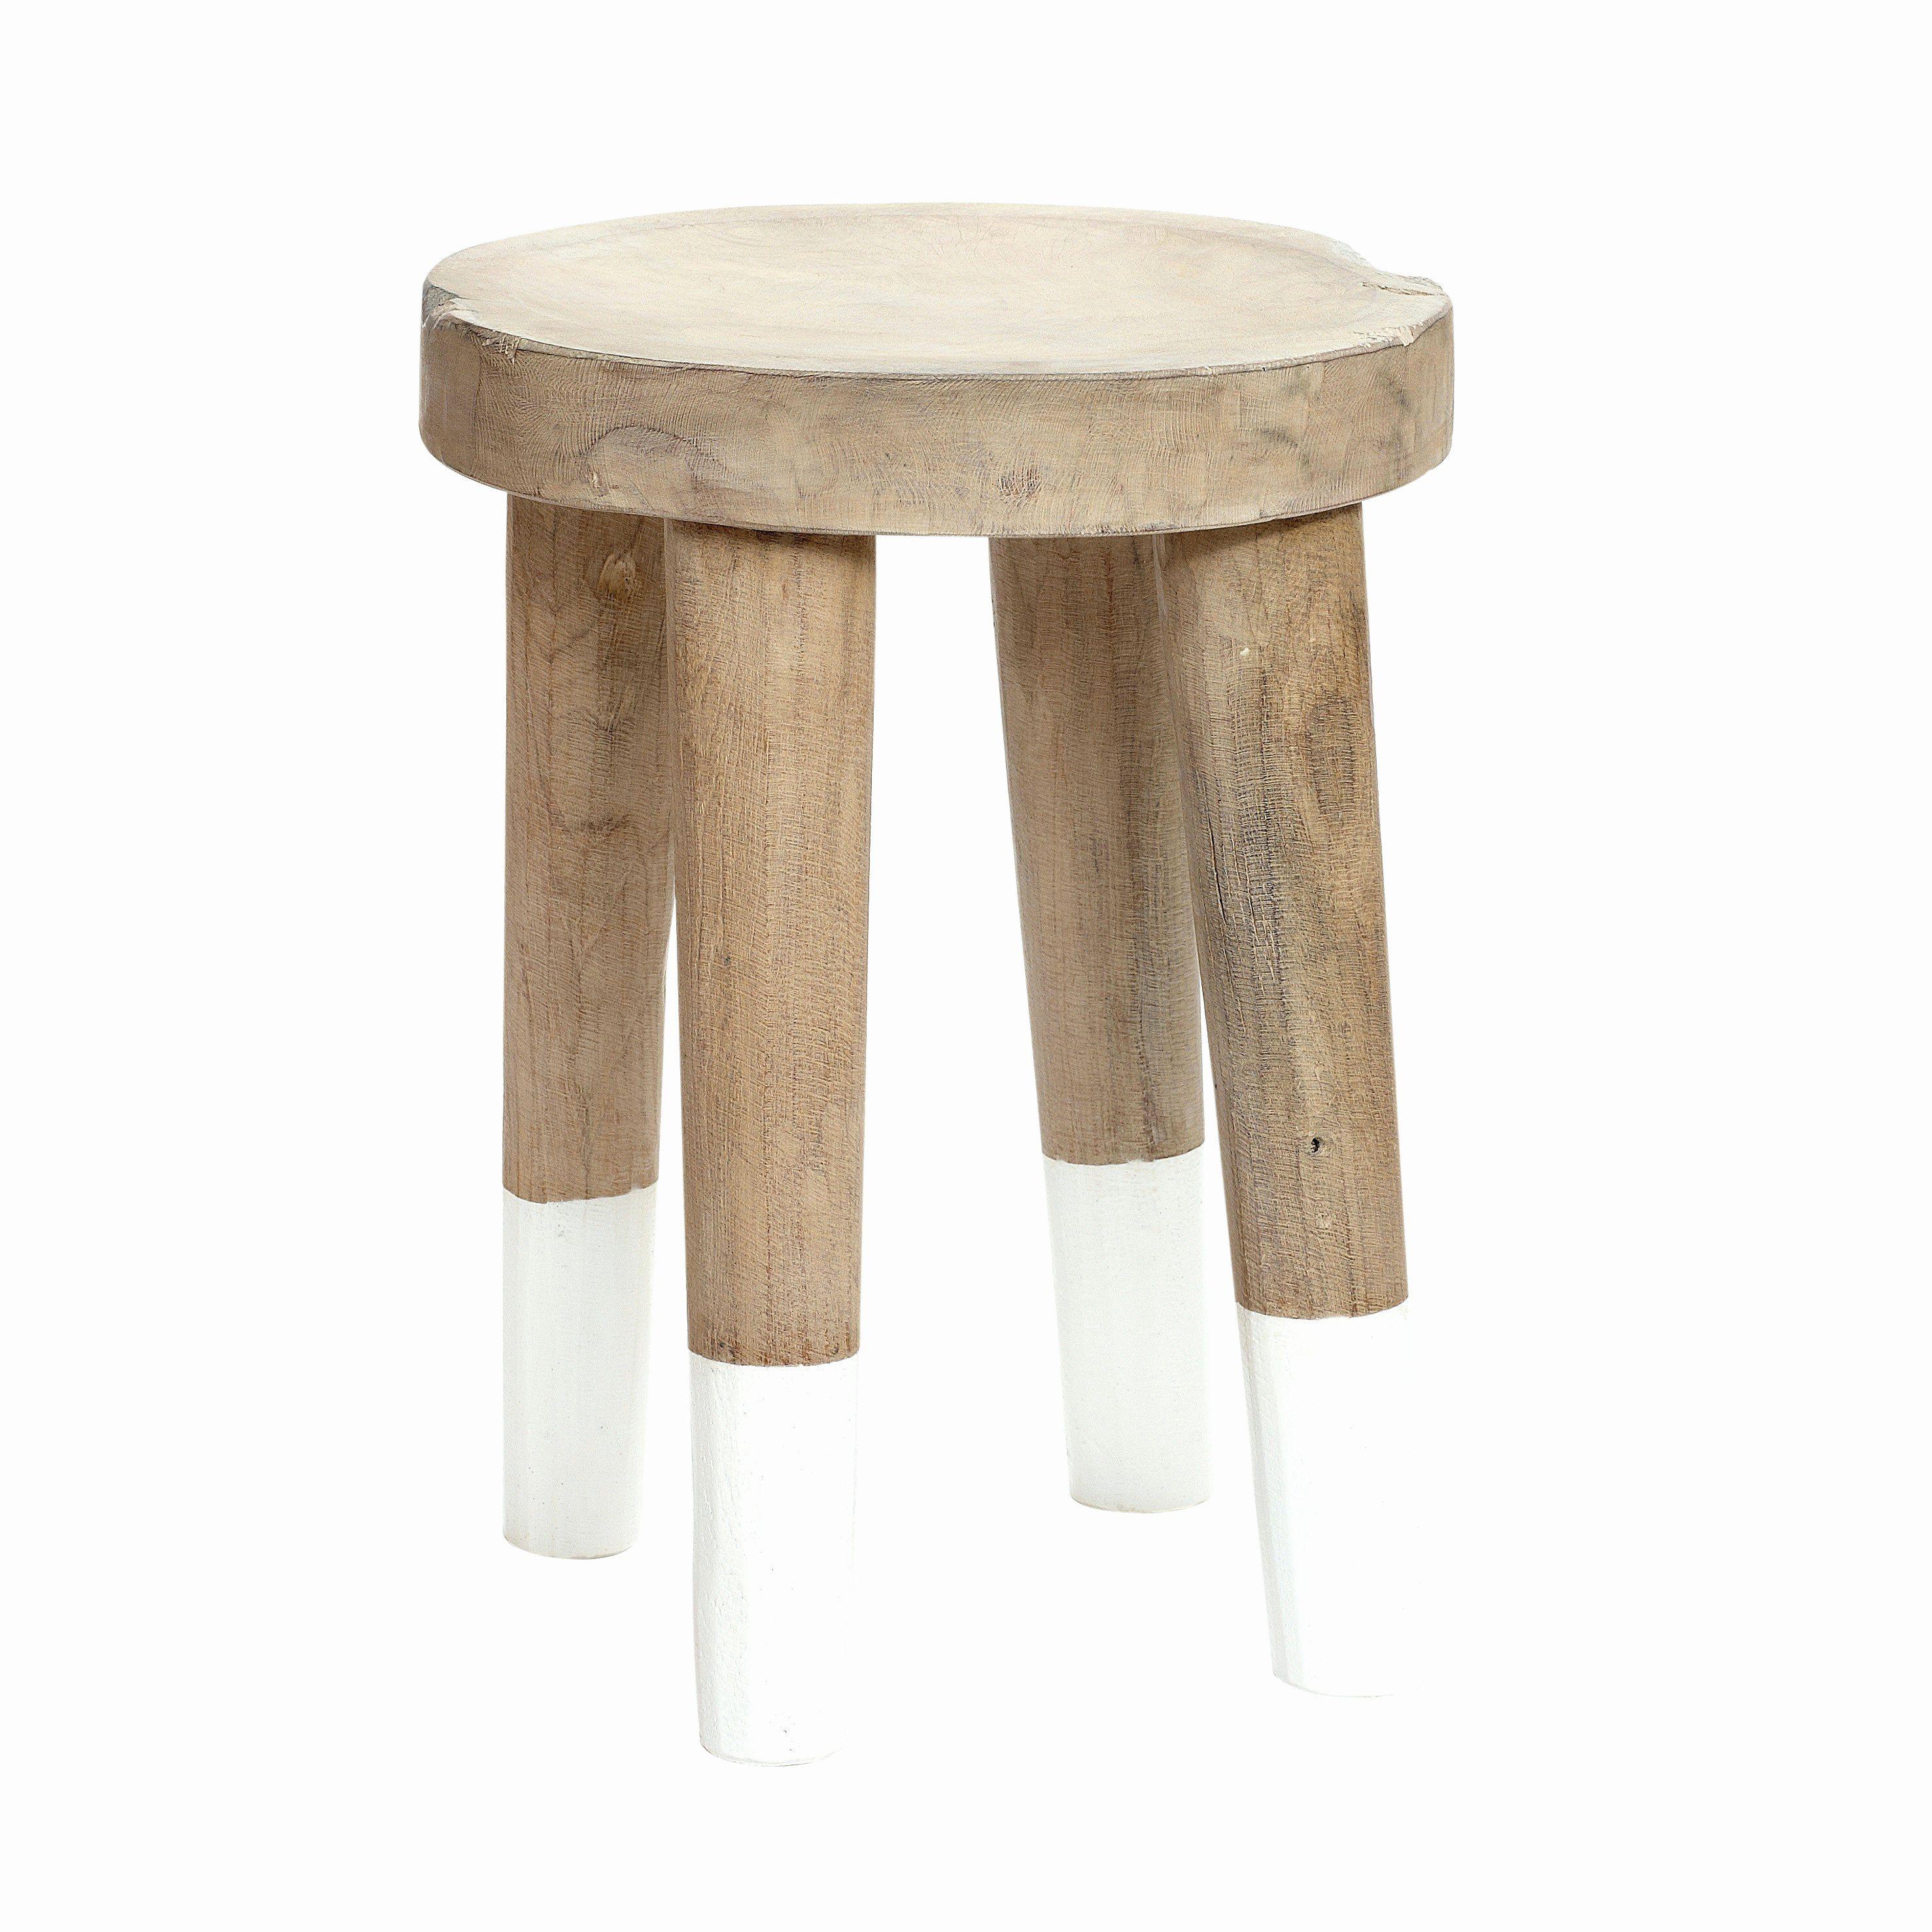 Table Haute De Cuisine Avec Tabouret Ikea In 2020 Furniture Stool Design